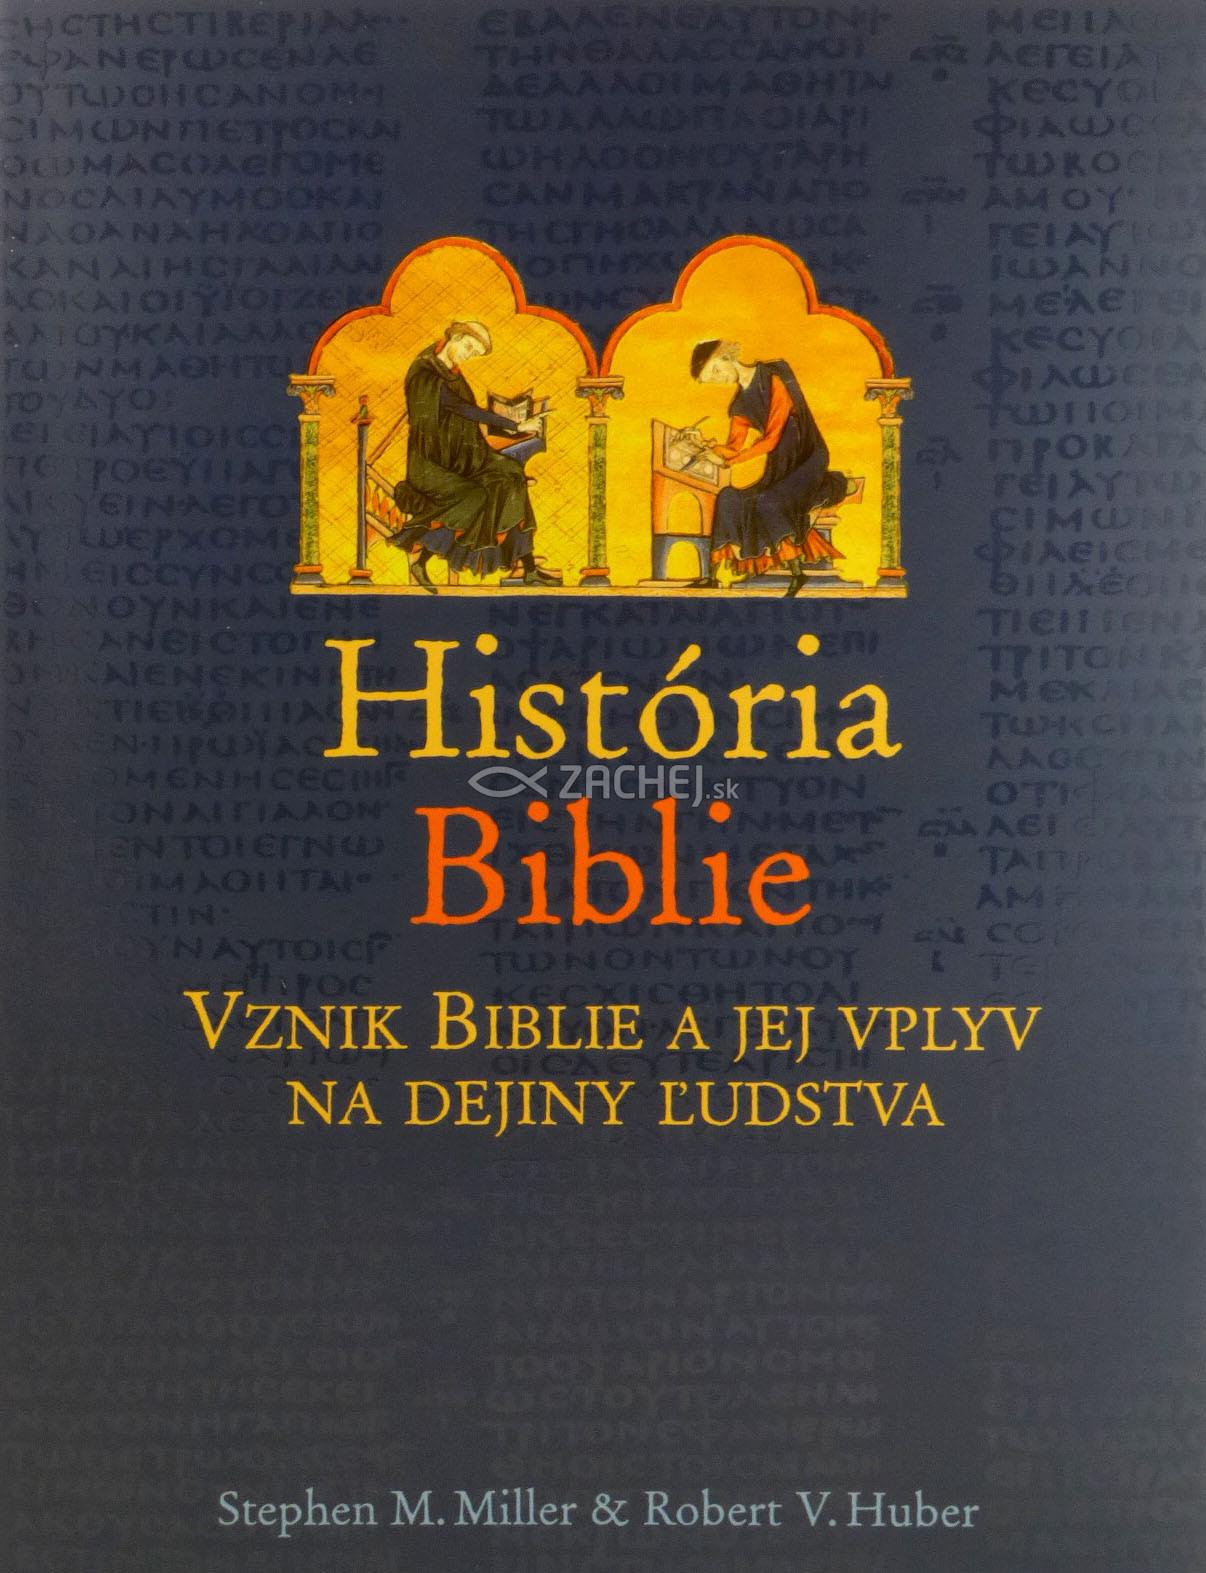 História Biblie - Vznik Biblie a jej vplyv na dejiny ľudstva